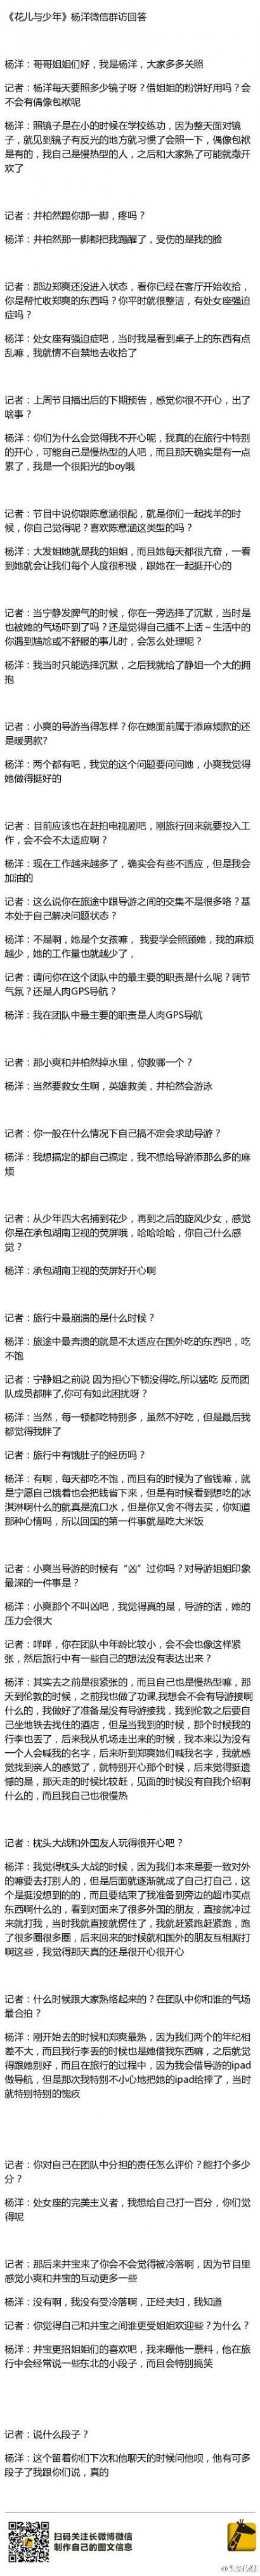 [分享]150506 花儿与少年 杨洋微信群访回答